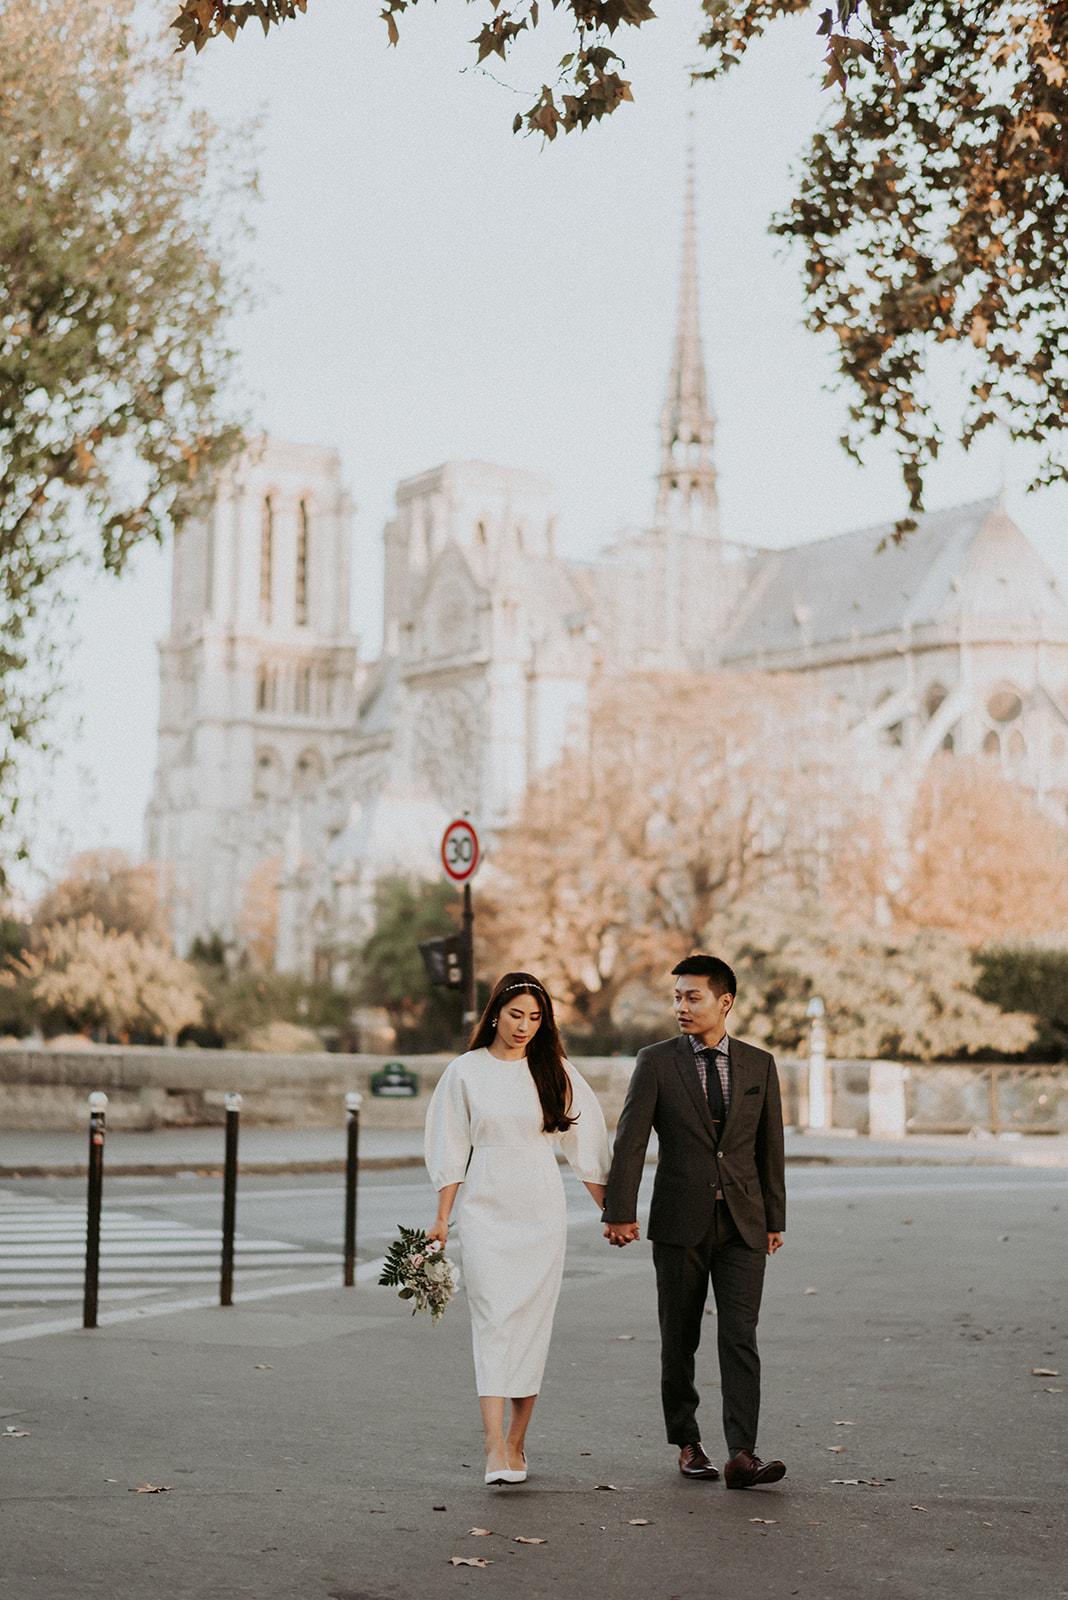 Anna_YK-PARIS-105DSC_4798.jpg